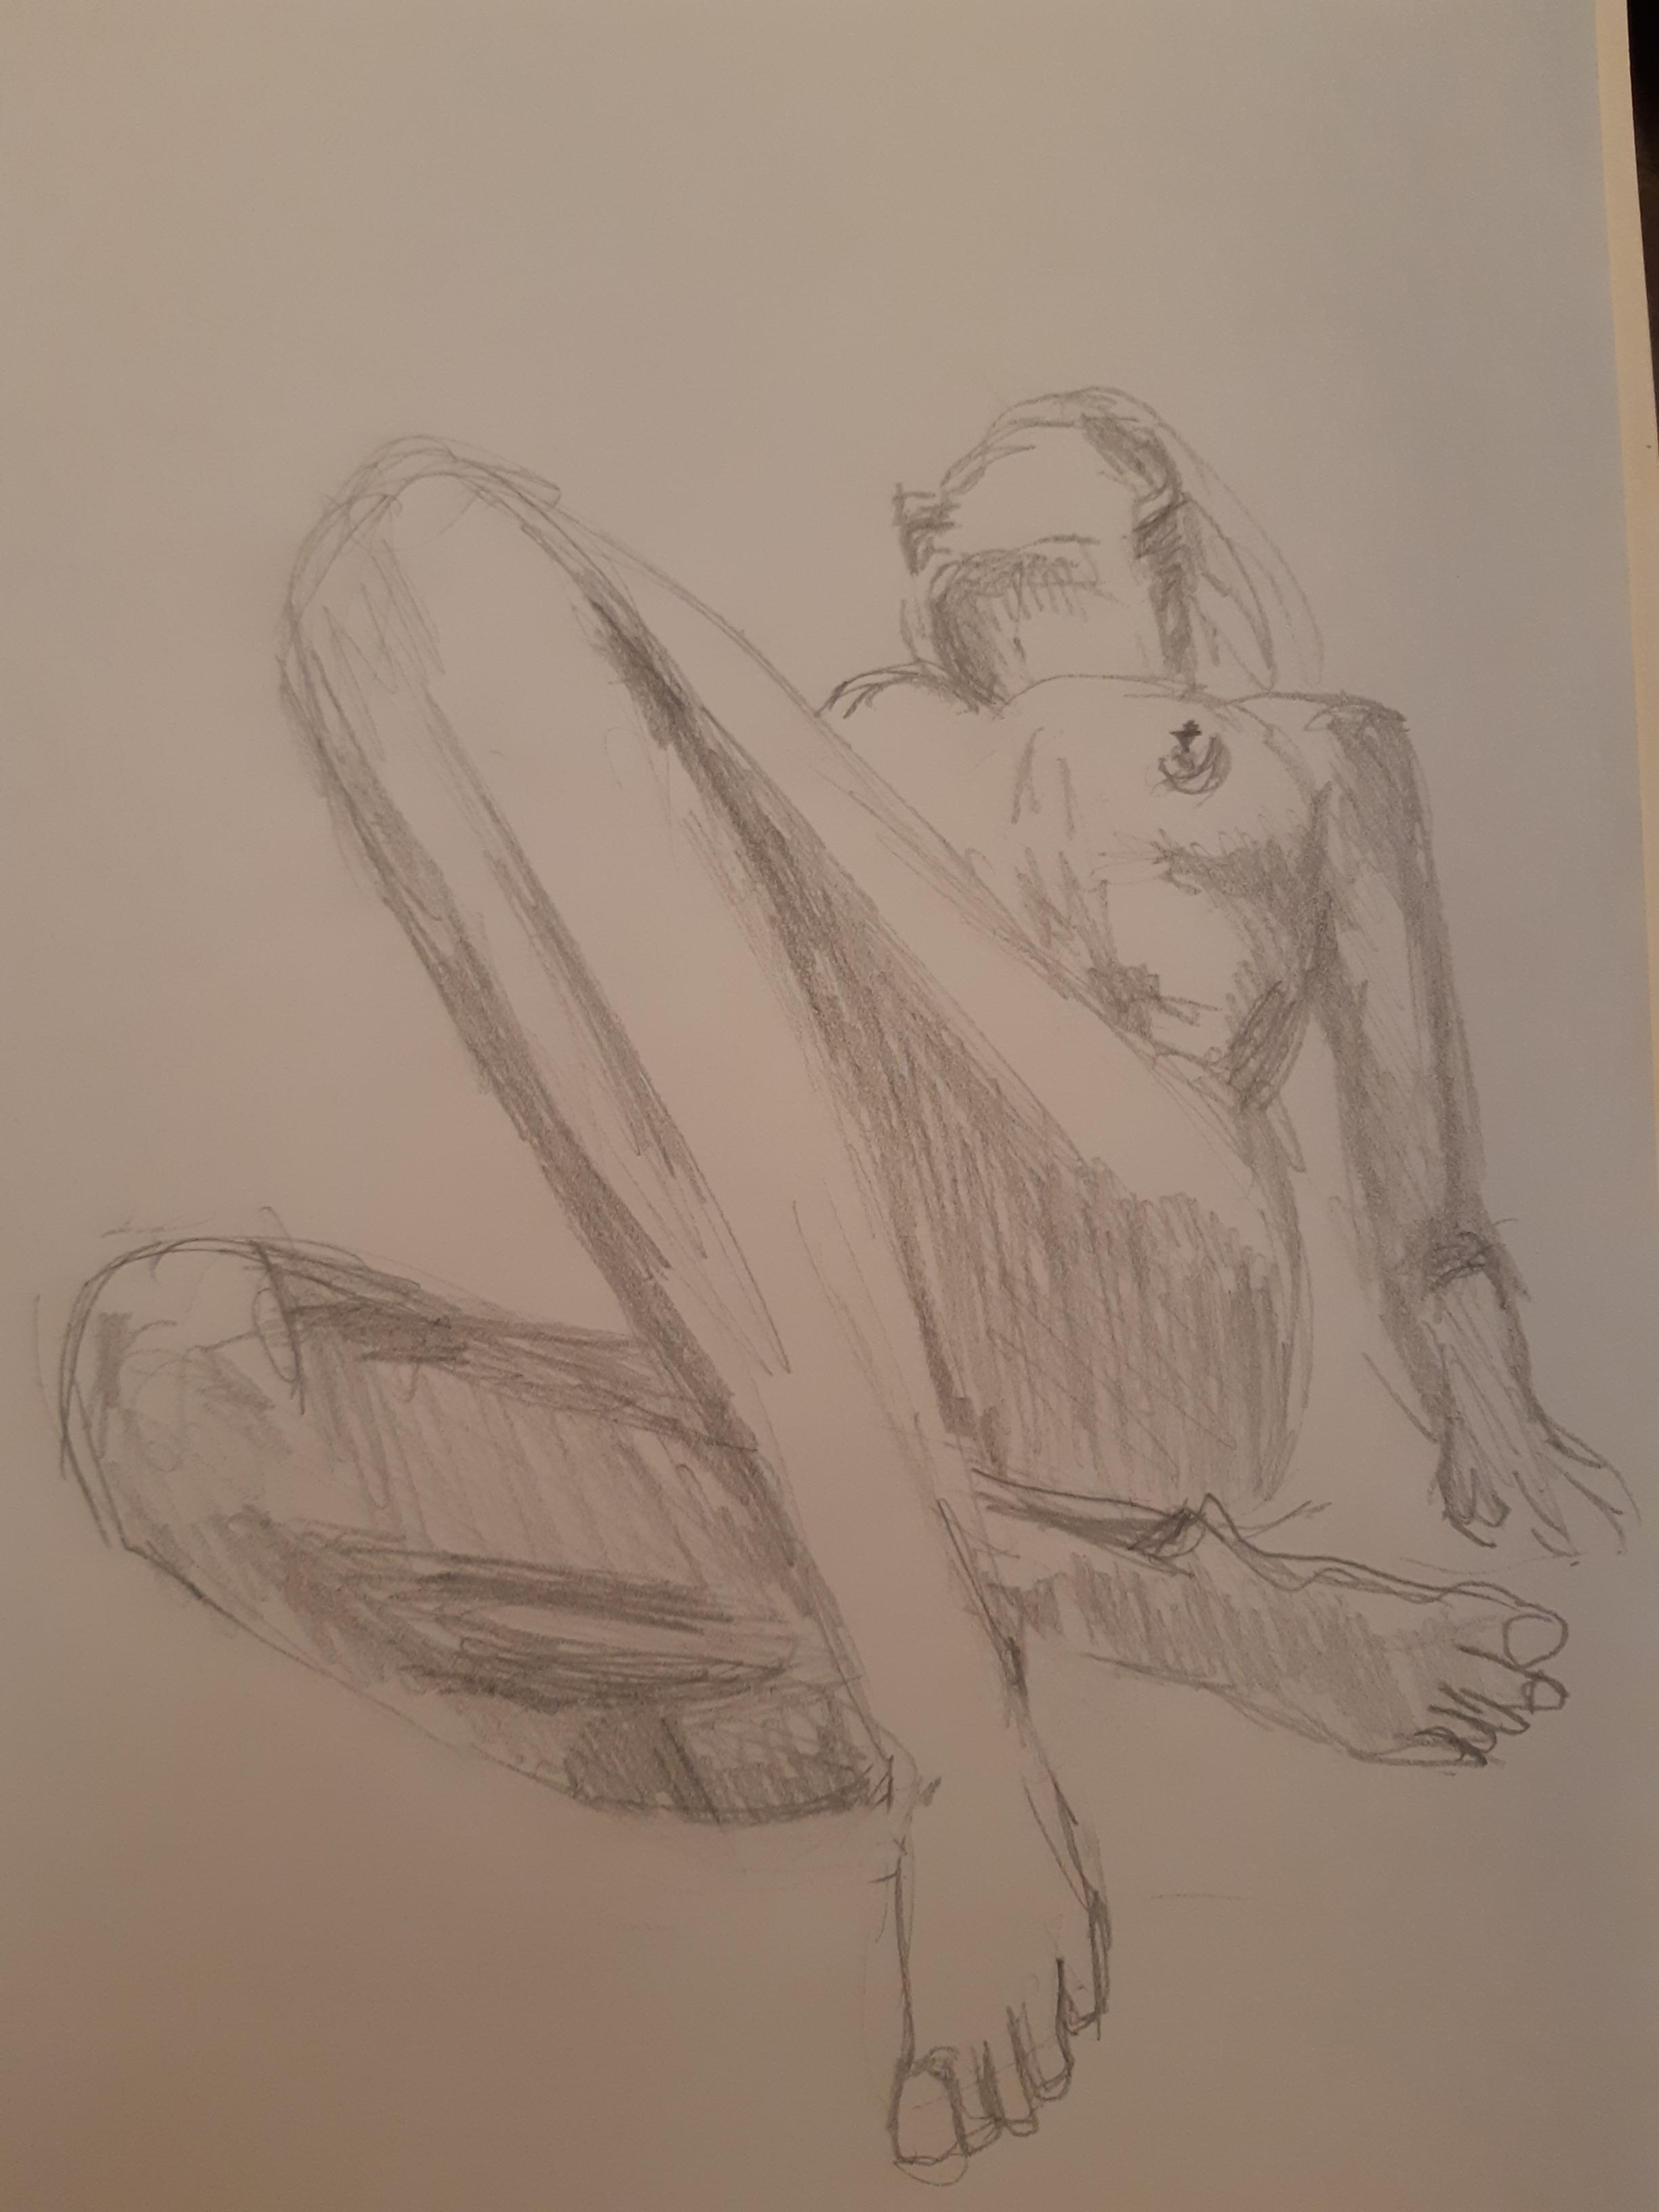 Esquisse rapide dessin modèle vivant face raccourcie hachures crayon papier cours de dessin  cours de dessin